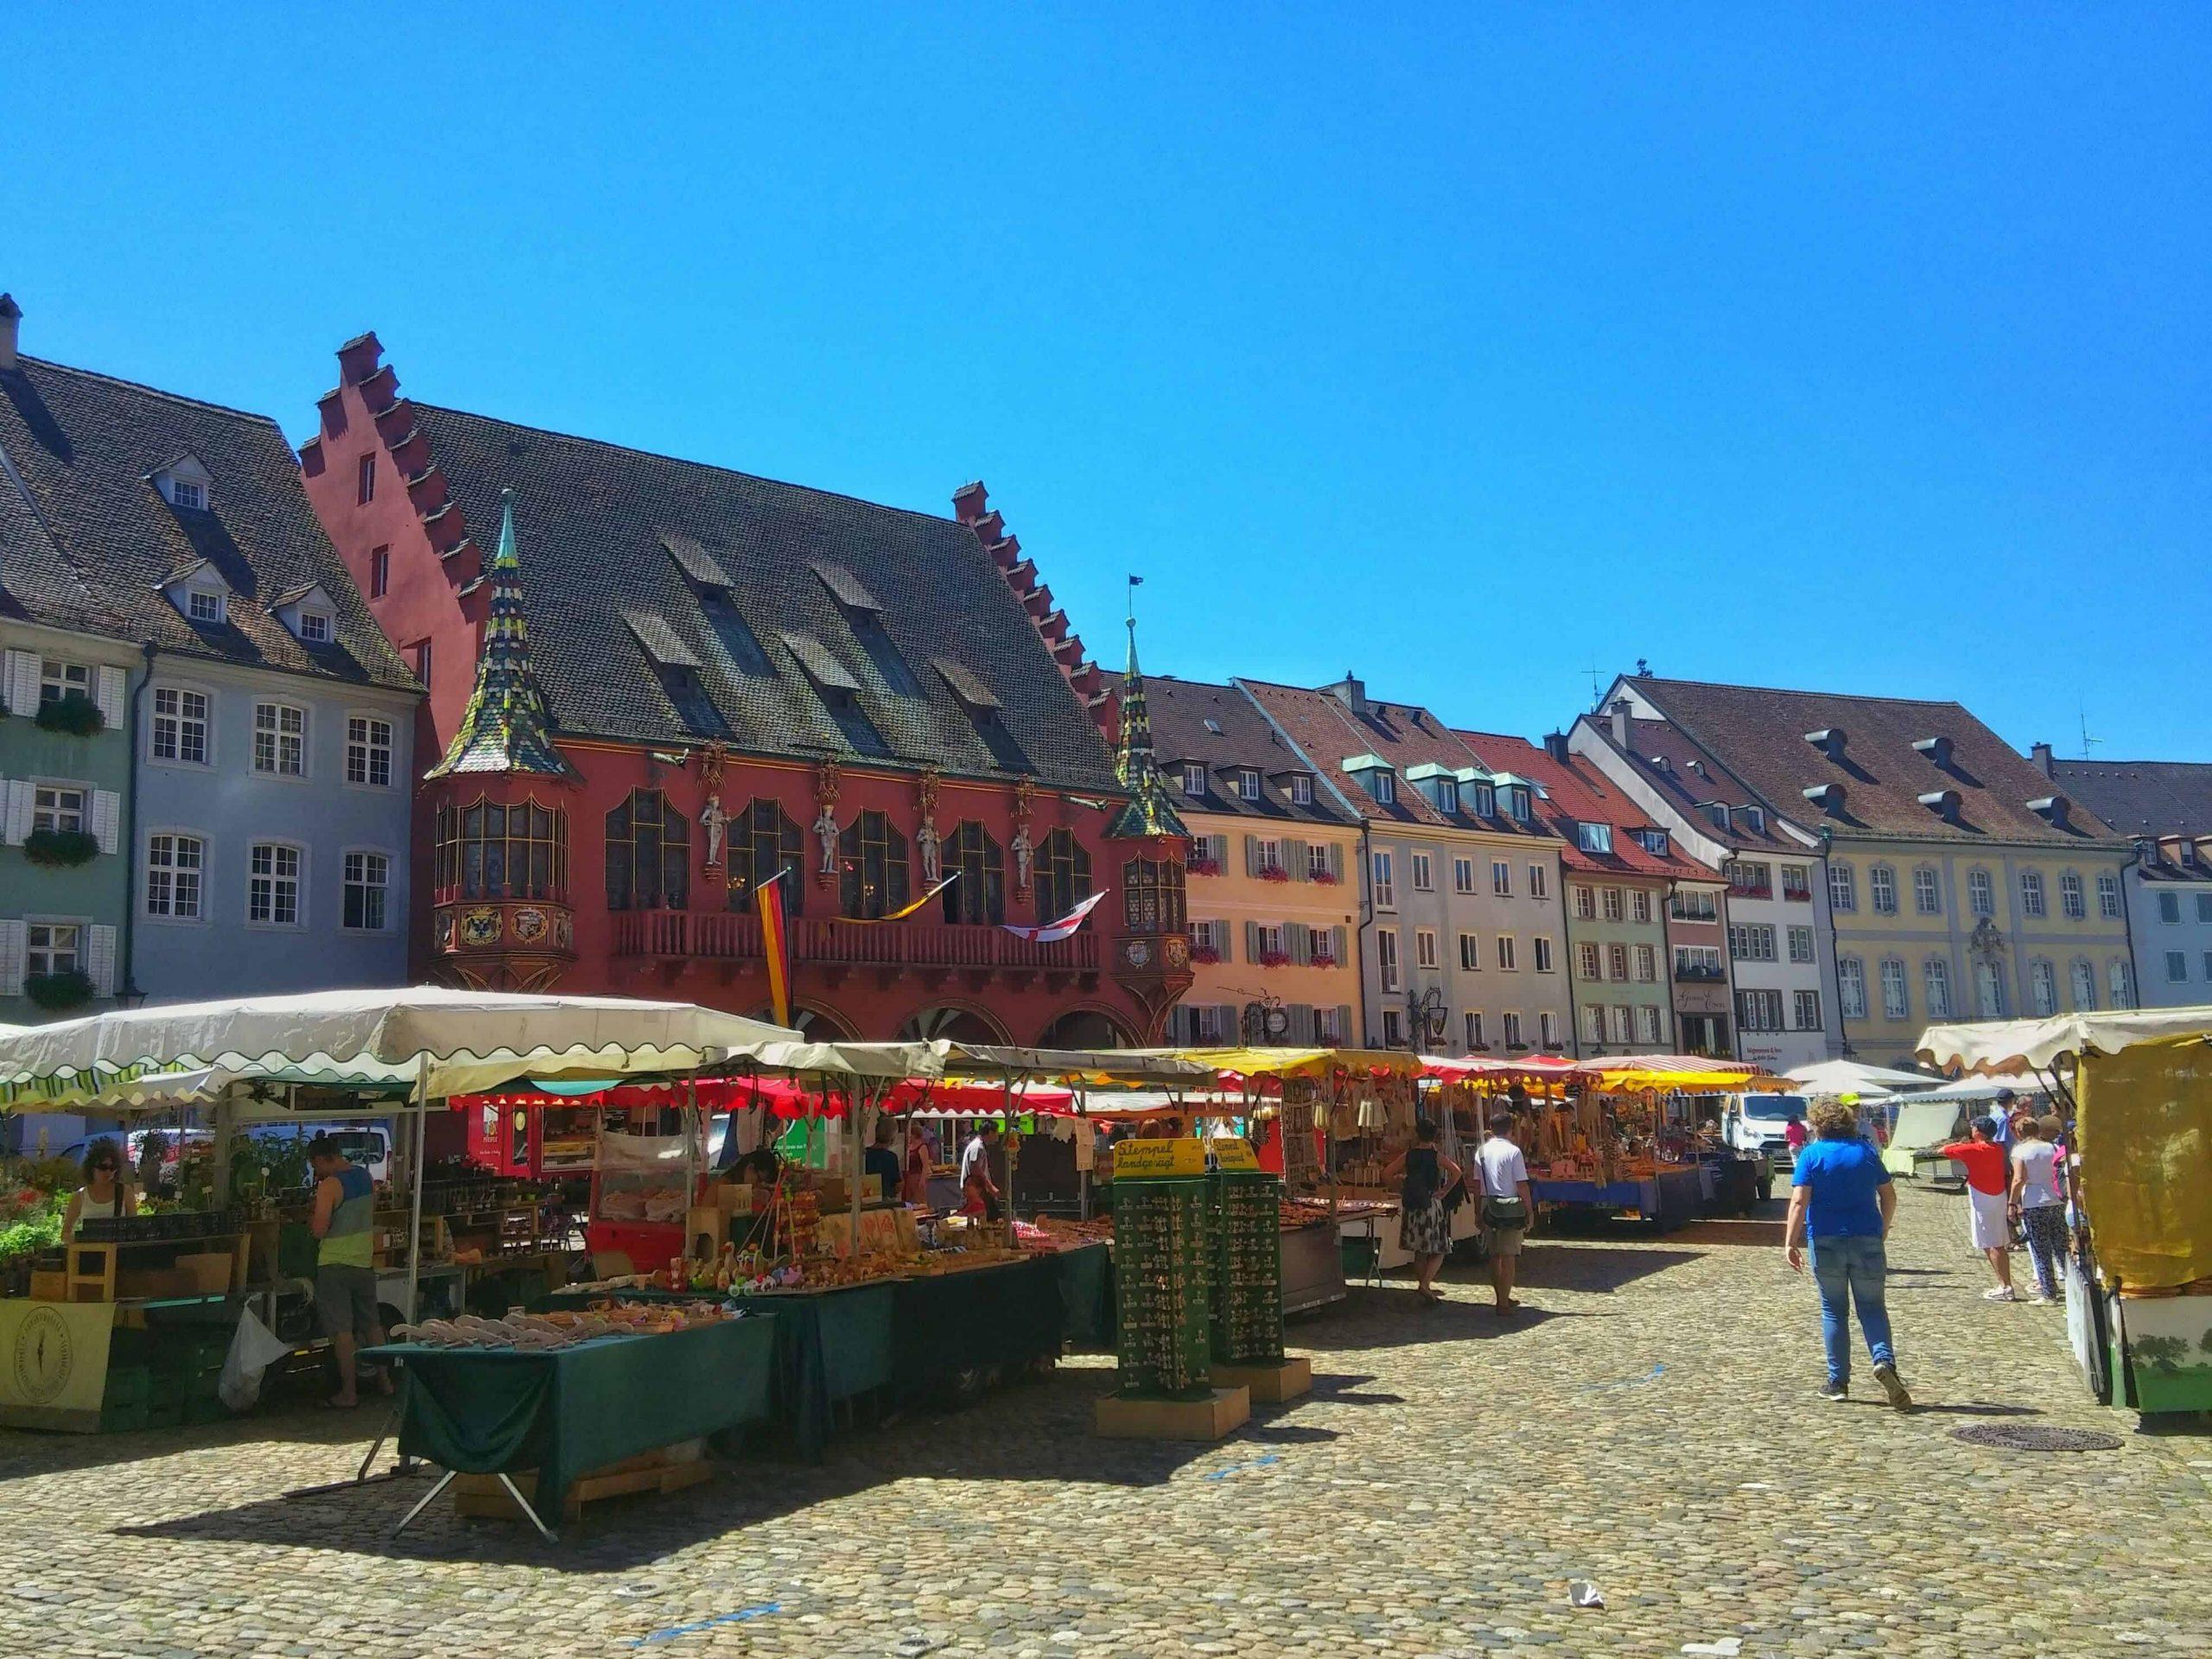 8 choses qui pourraient vous surprendre en visitant l'Allemagne